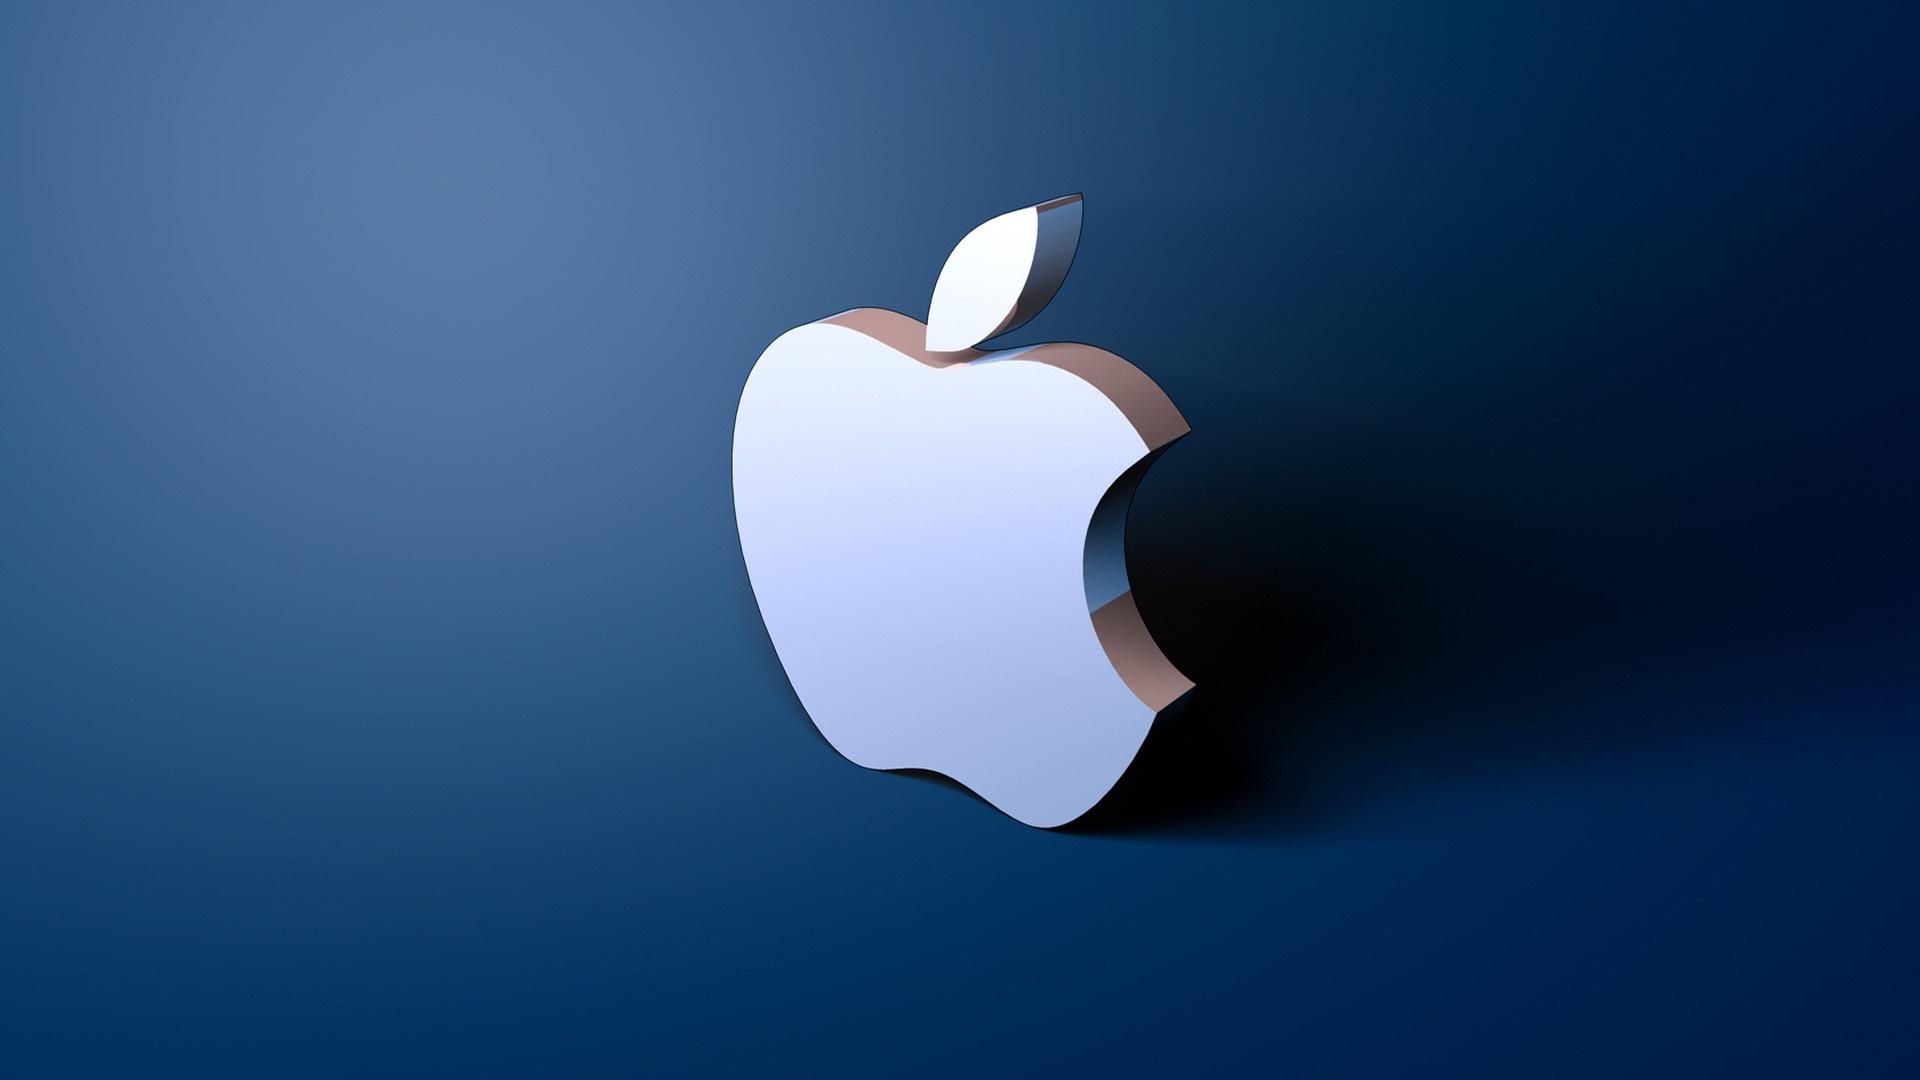 Fantastic Apple 3D Logo Wallpaper